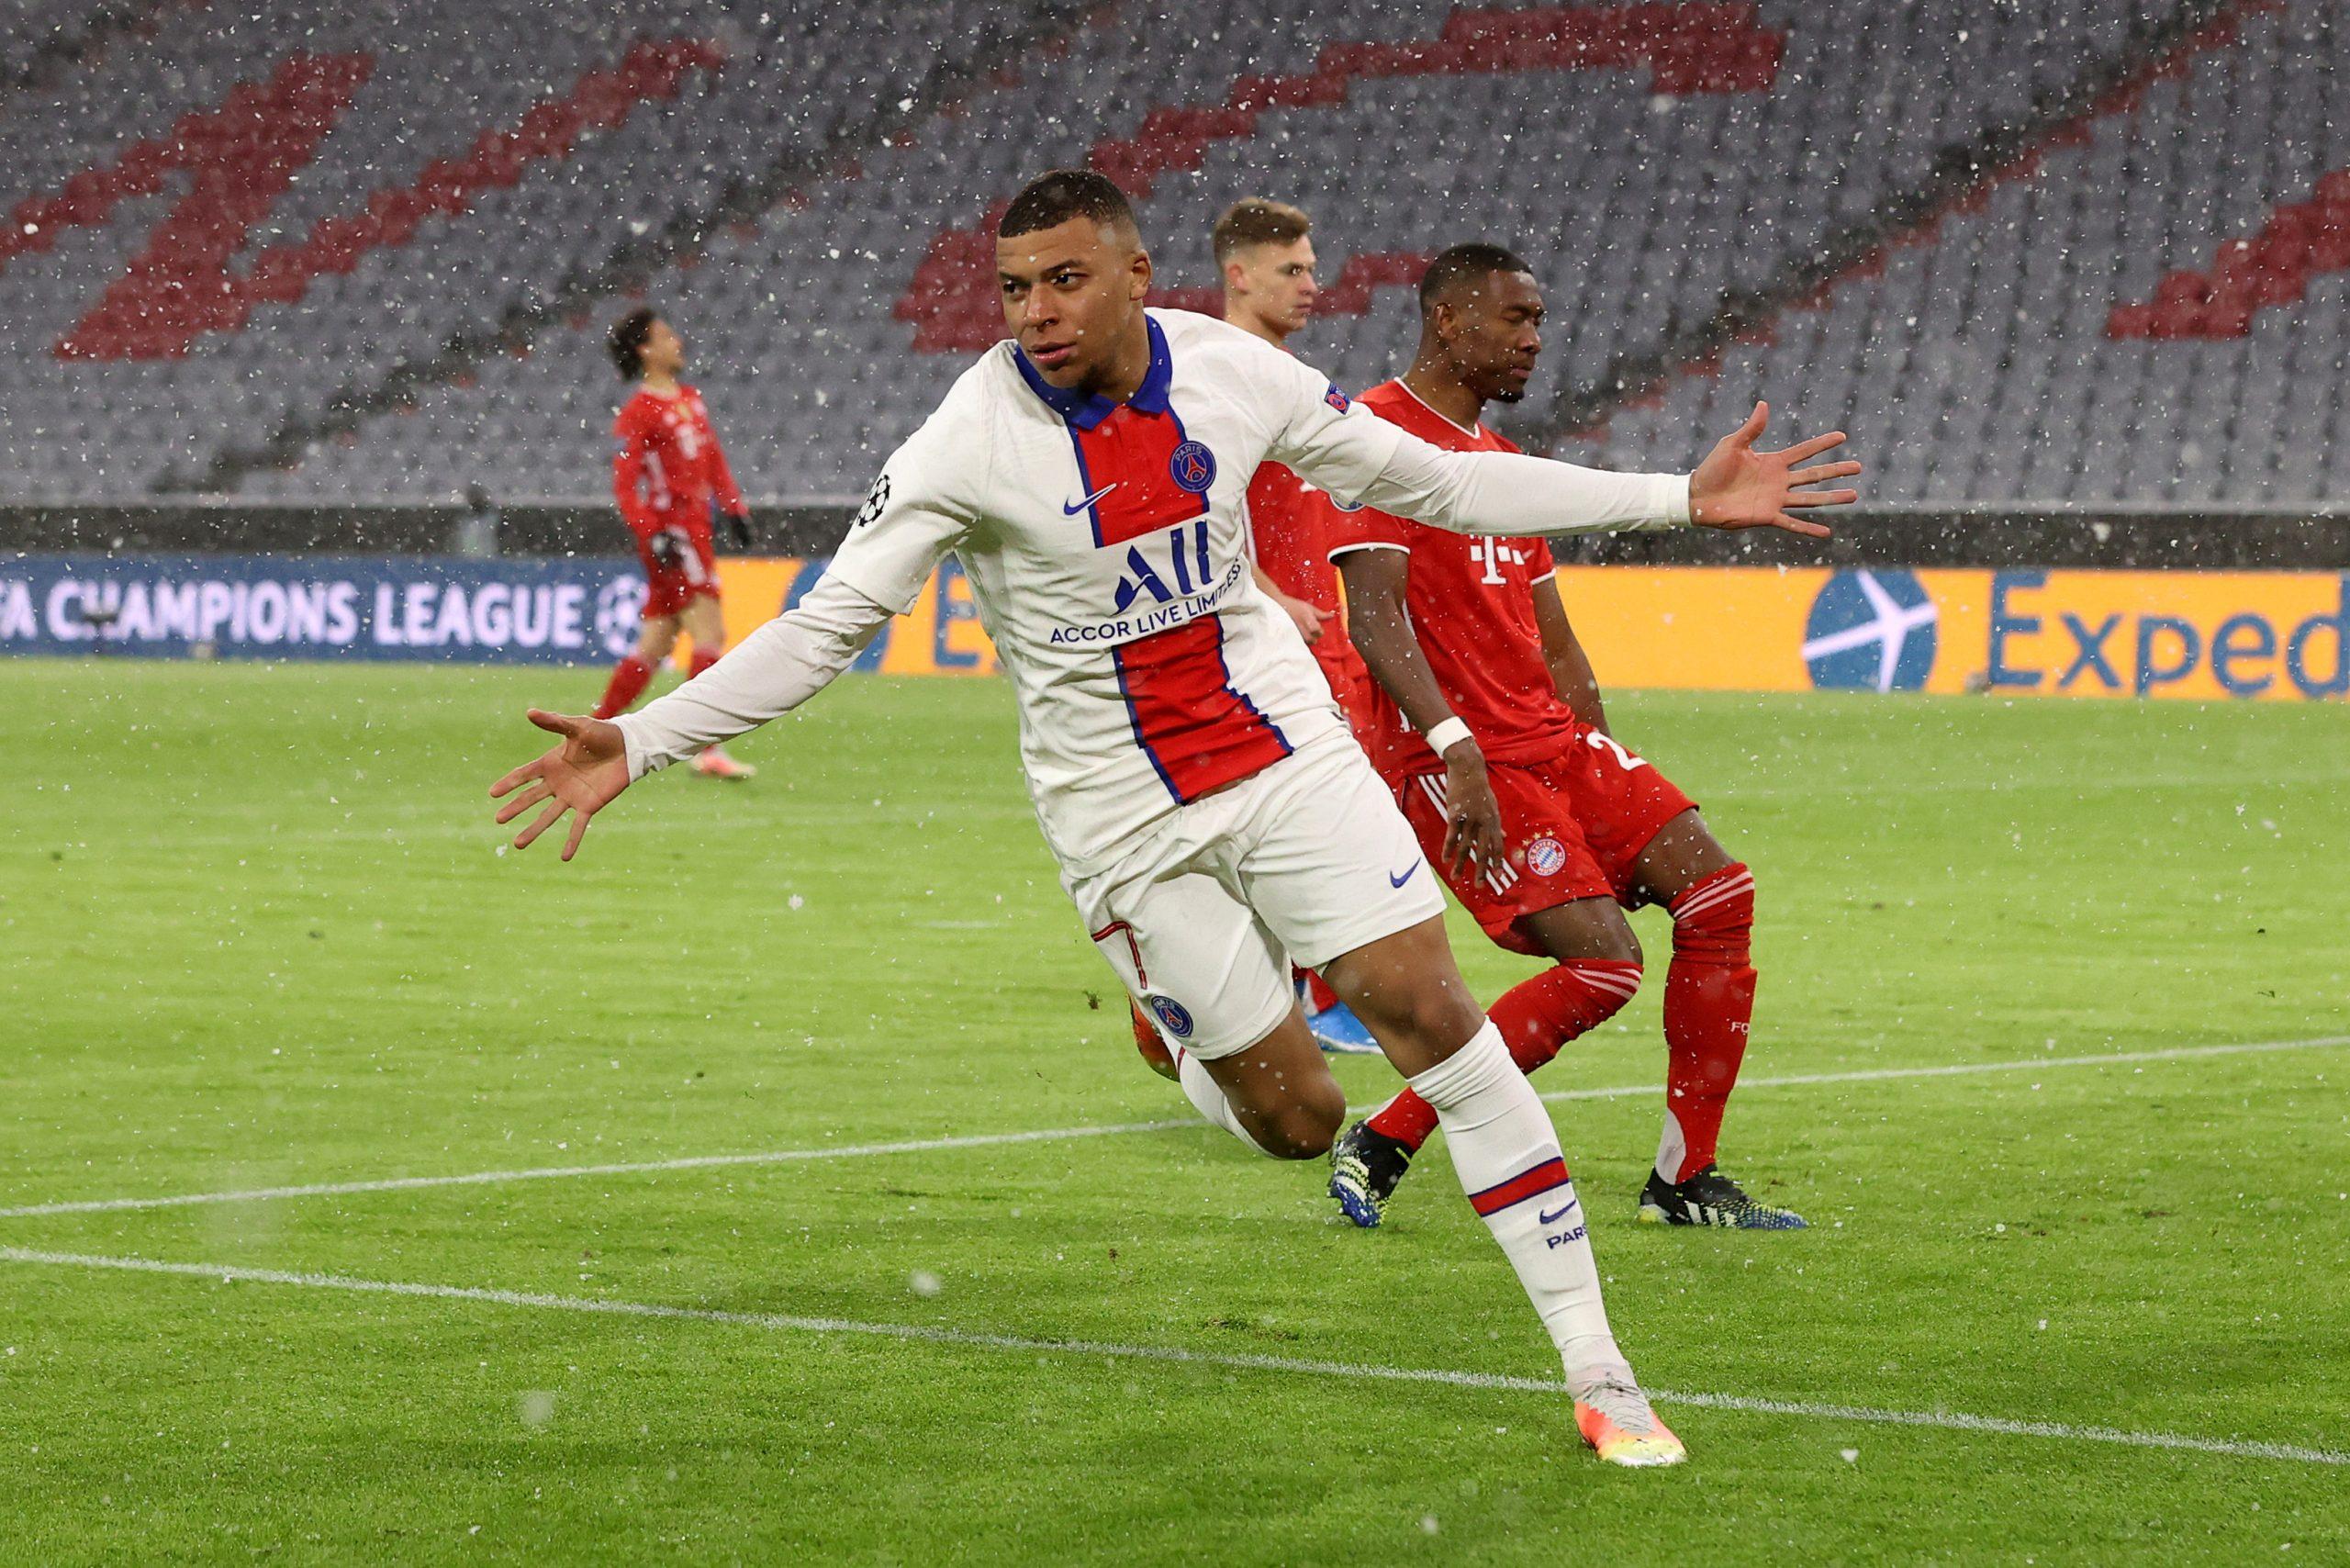 Bayern Monaco-PSG 2-3: la doppietta di Mbappè griffa il colpaccio parigino